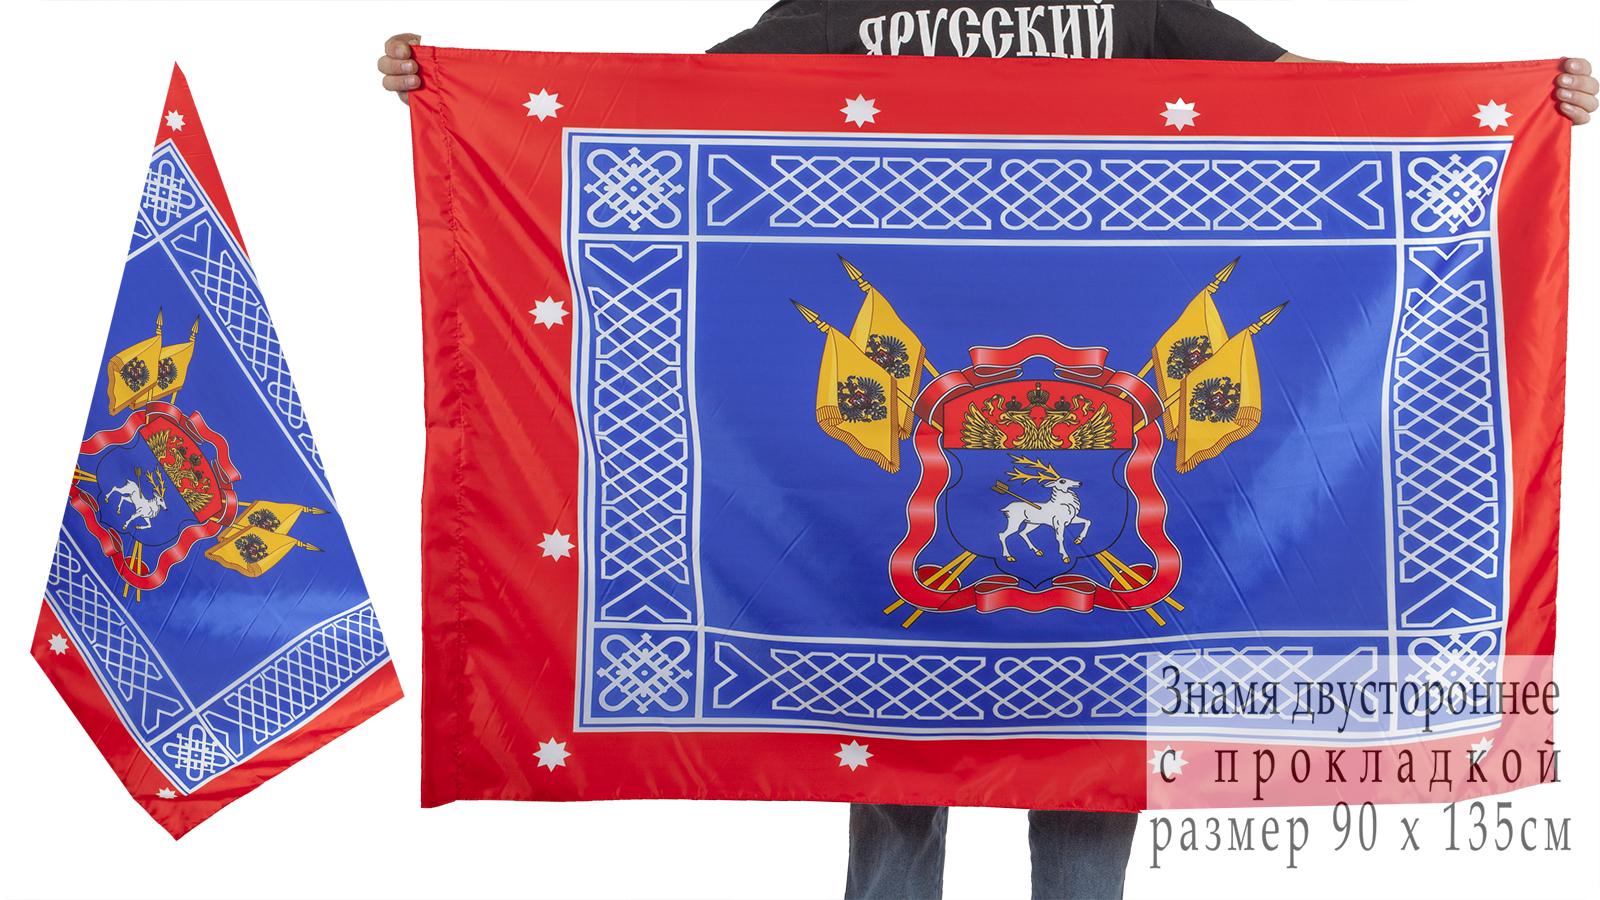 Двухстороннее знамя Всевеликого Войска Донского